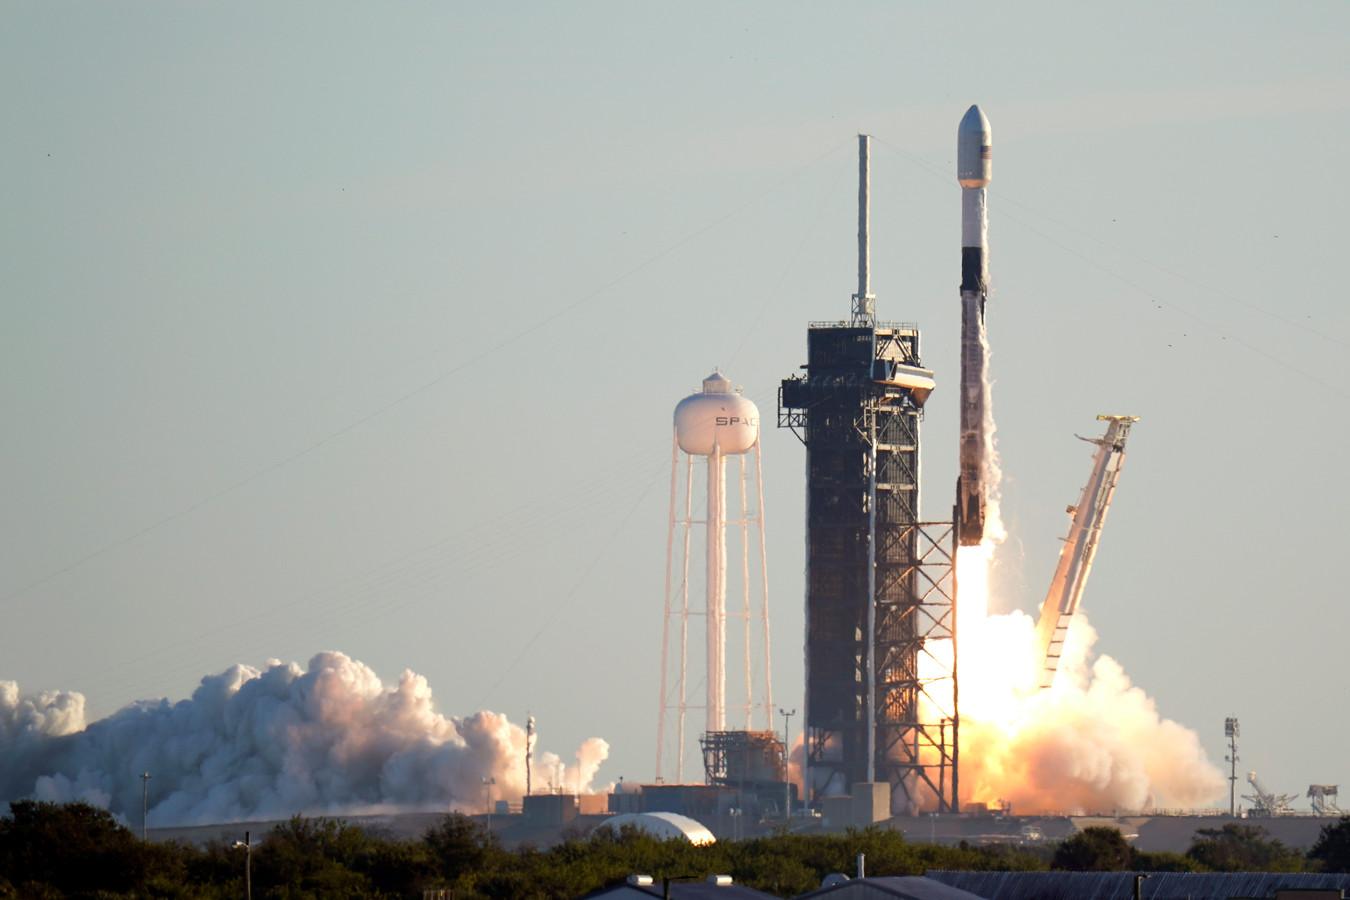 La mission se fera grâce à la fusée réutilisable Falcon 9 de SpaceX, lancée depuis le centre spatial Kennedy de Floride.